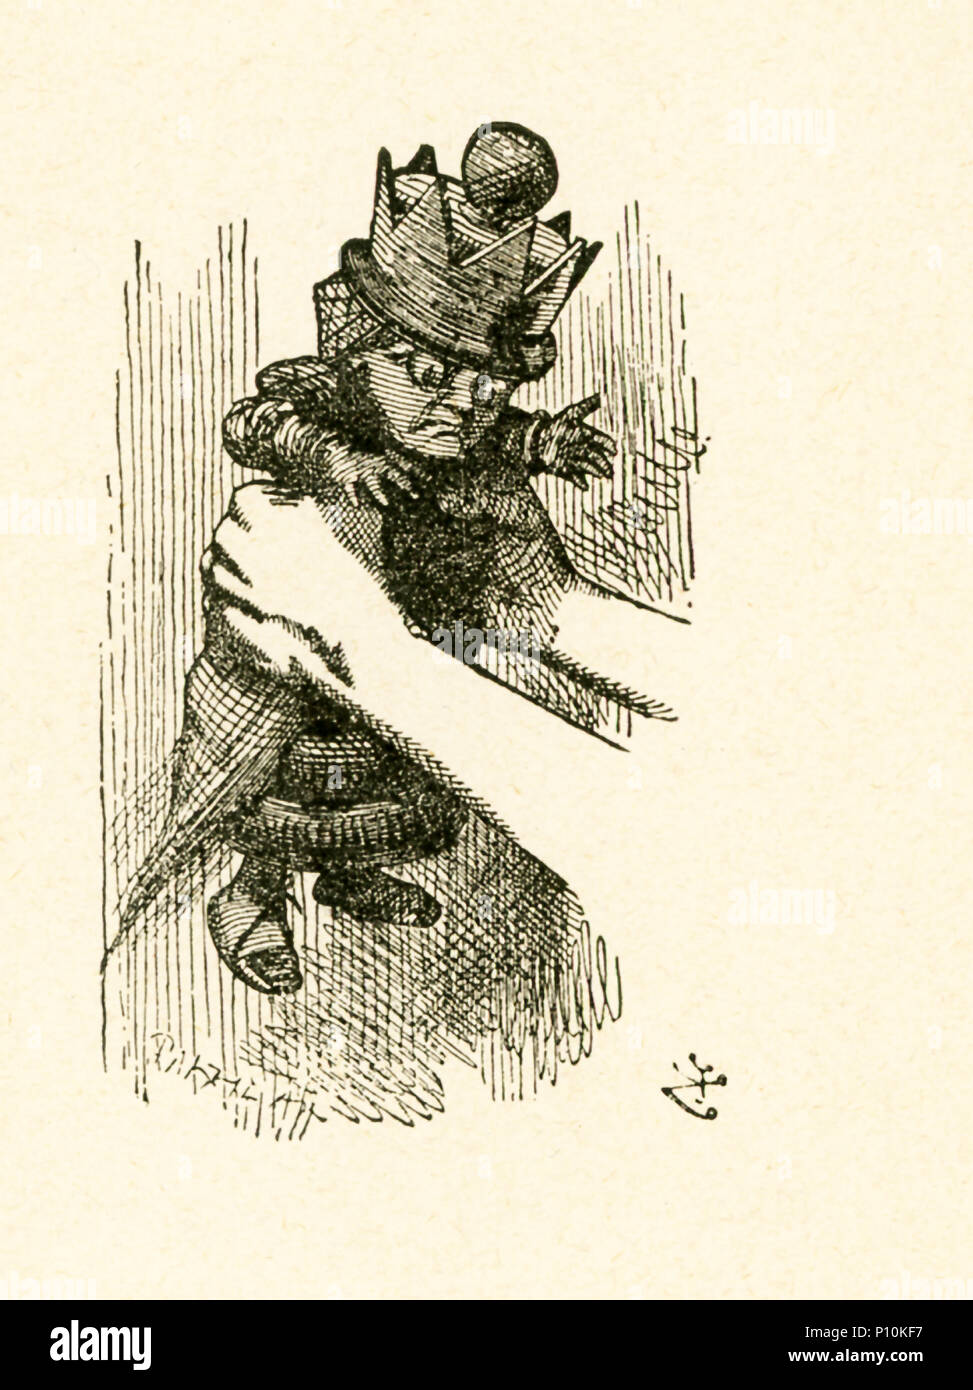 """Cette illustration d'Alice tenant la reine rouge est dans de l'autre côté de 'et ce qu'Alice a trouvé là' par Lewis Carroll (Charles Lutwidge Dodgson), qui a écrit ce roman en 1871 comme une suite de 'Alice's Adventures in Wonderland"""". Photo Stock"""